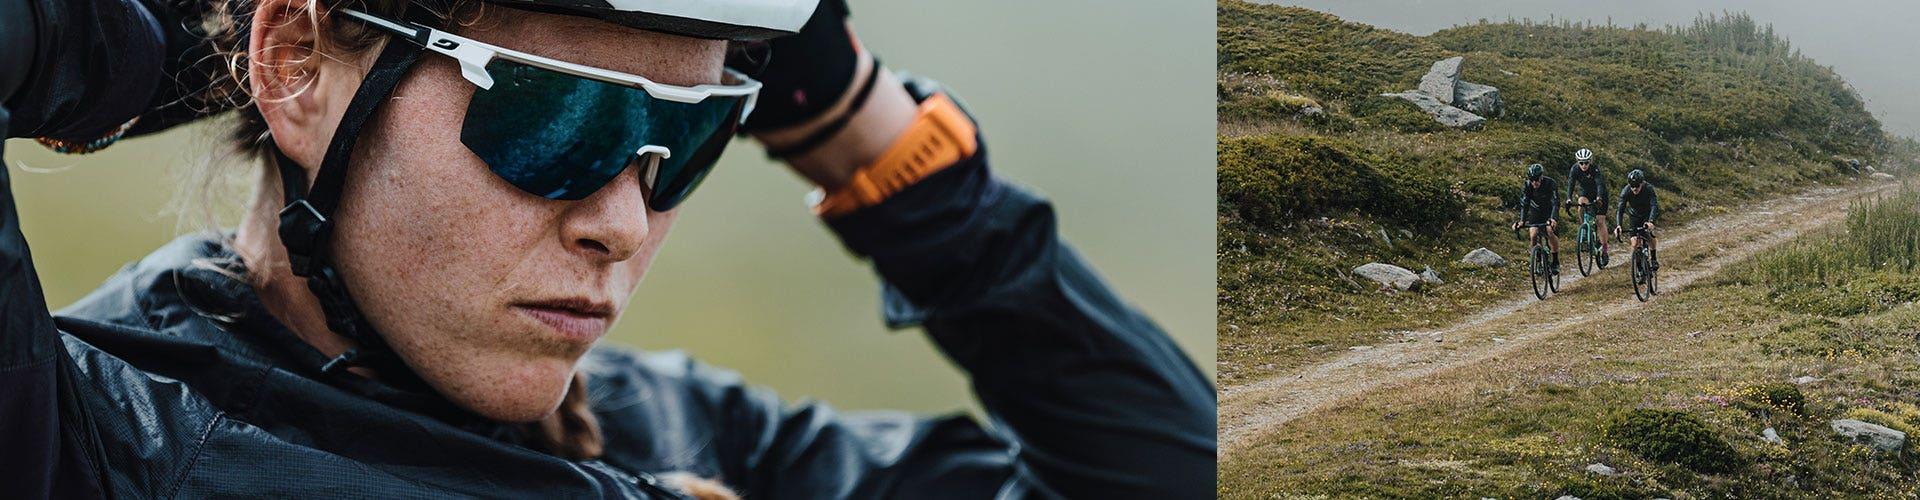 Nouveautés - Adaptable à la vue - Hommes - VTT - Trail running - Triathlon